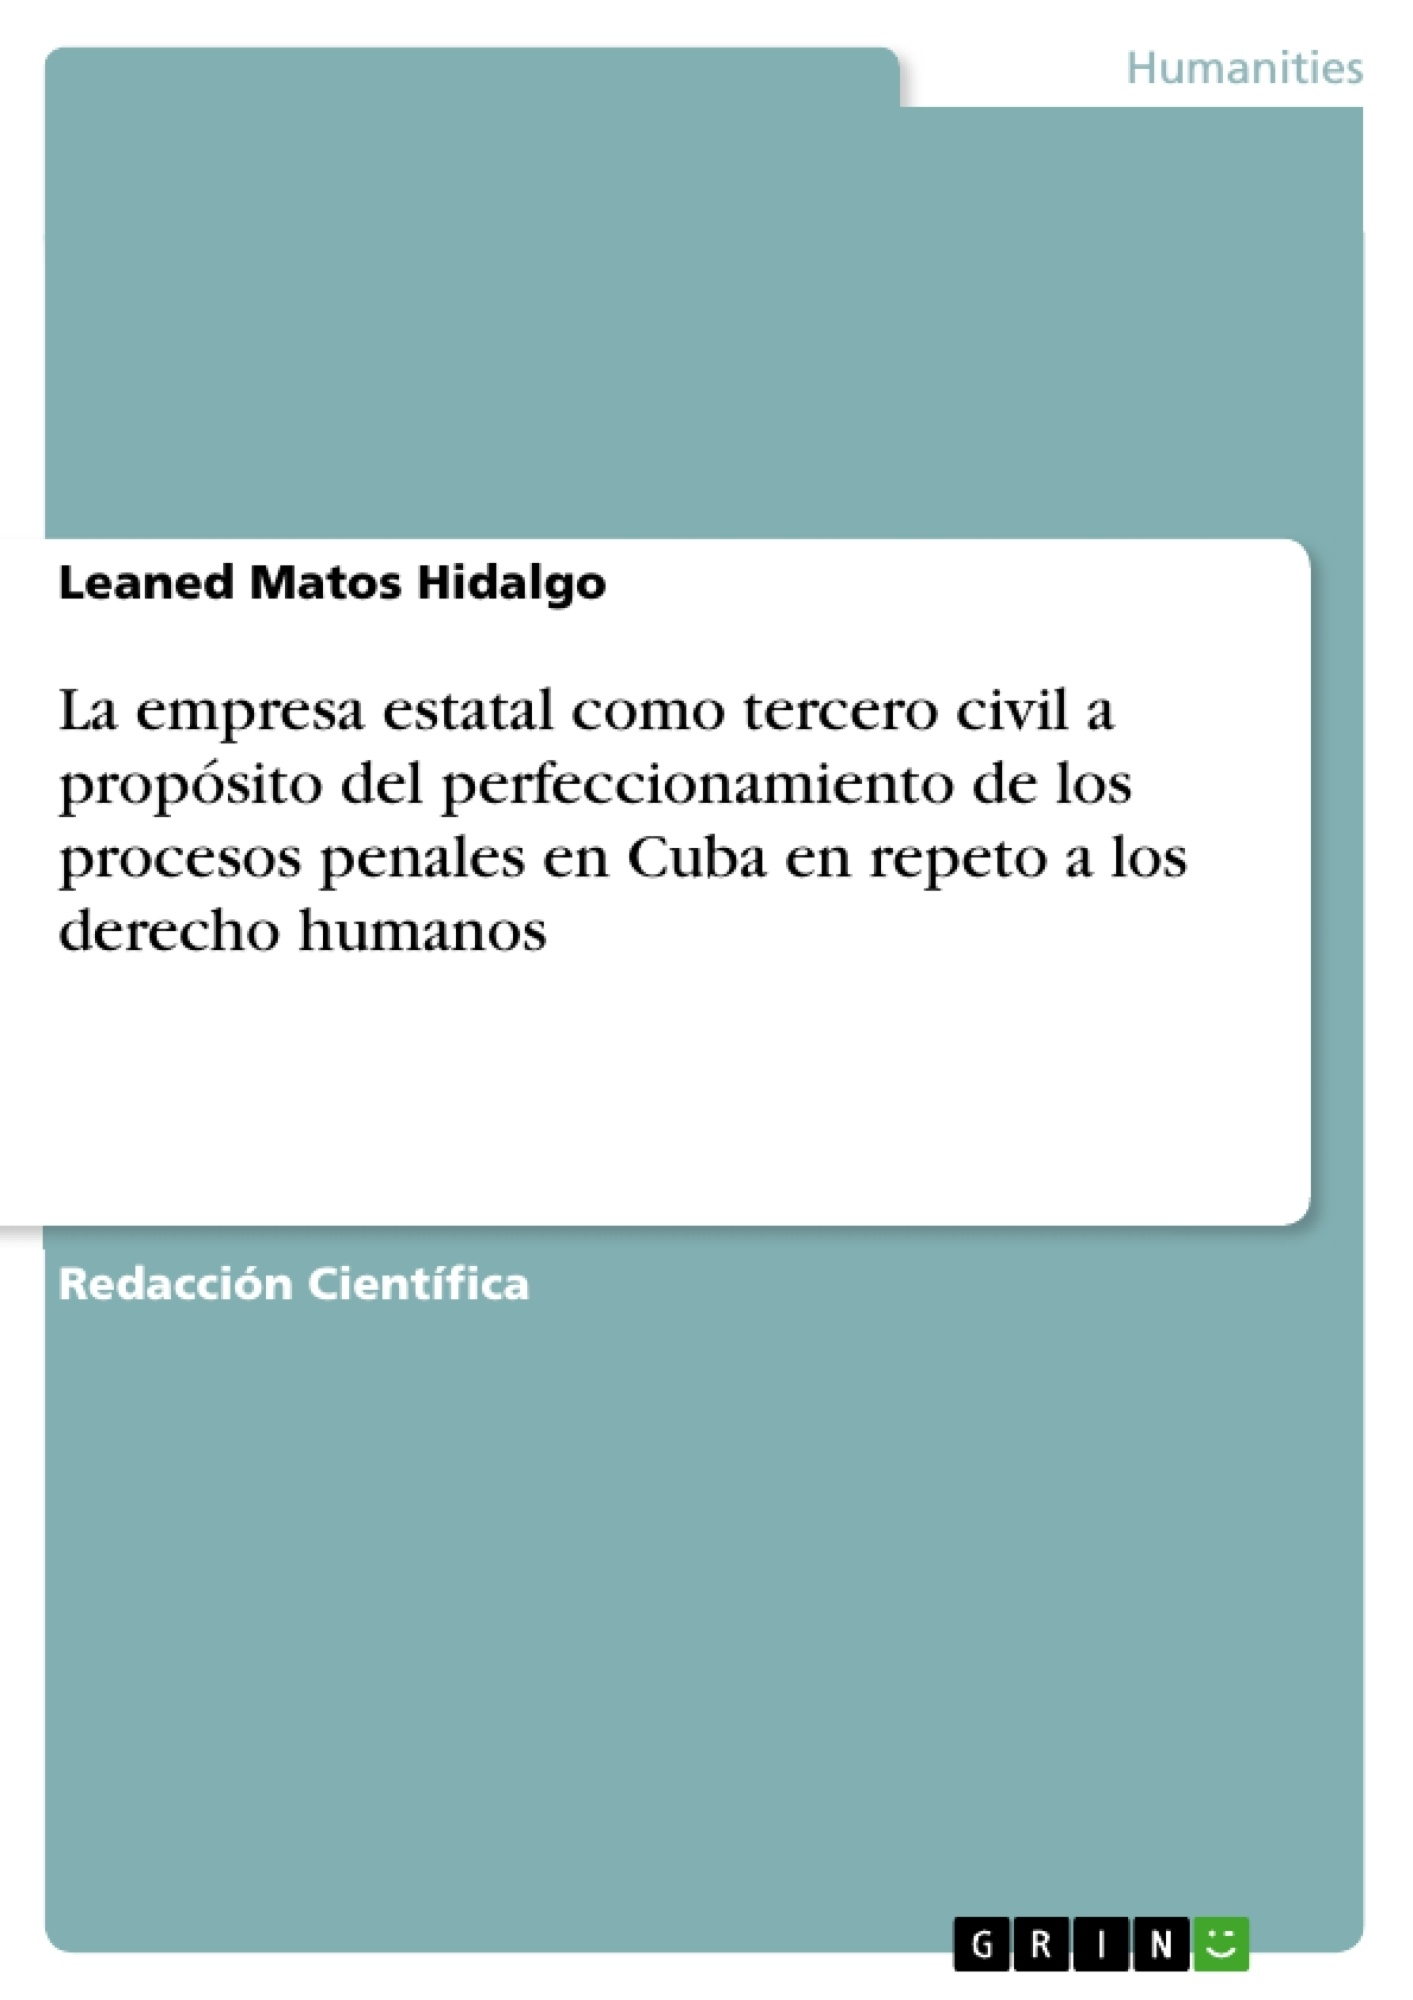 Título: La empresa estatal como tercero civil a propósito del perfeccionamiento de los procesos penales en Cuba en repeto a los derecho humanos